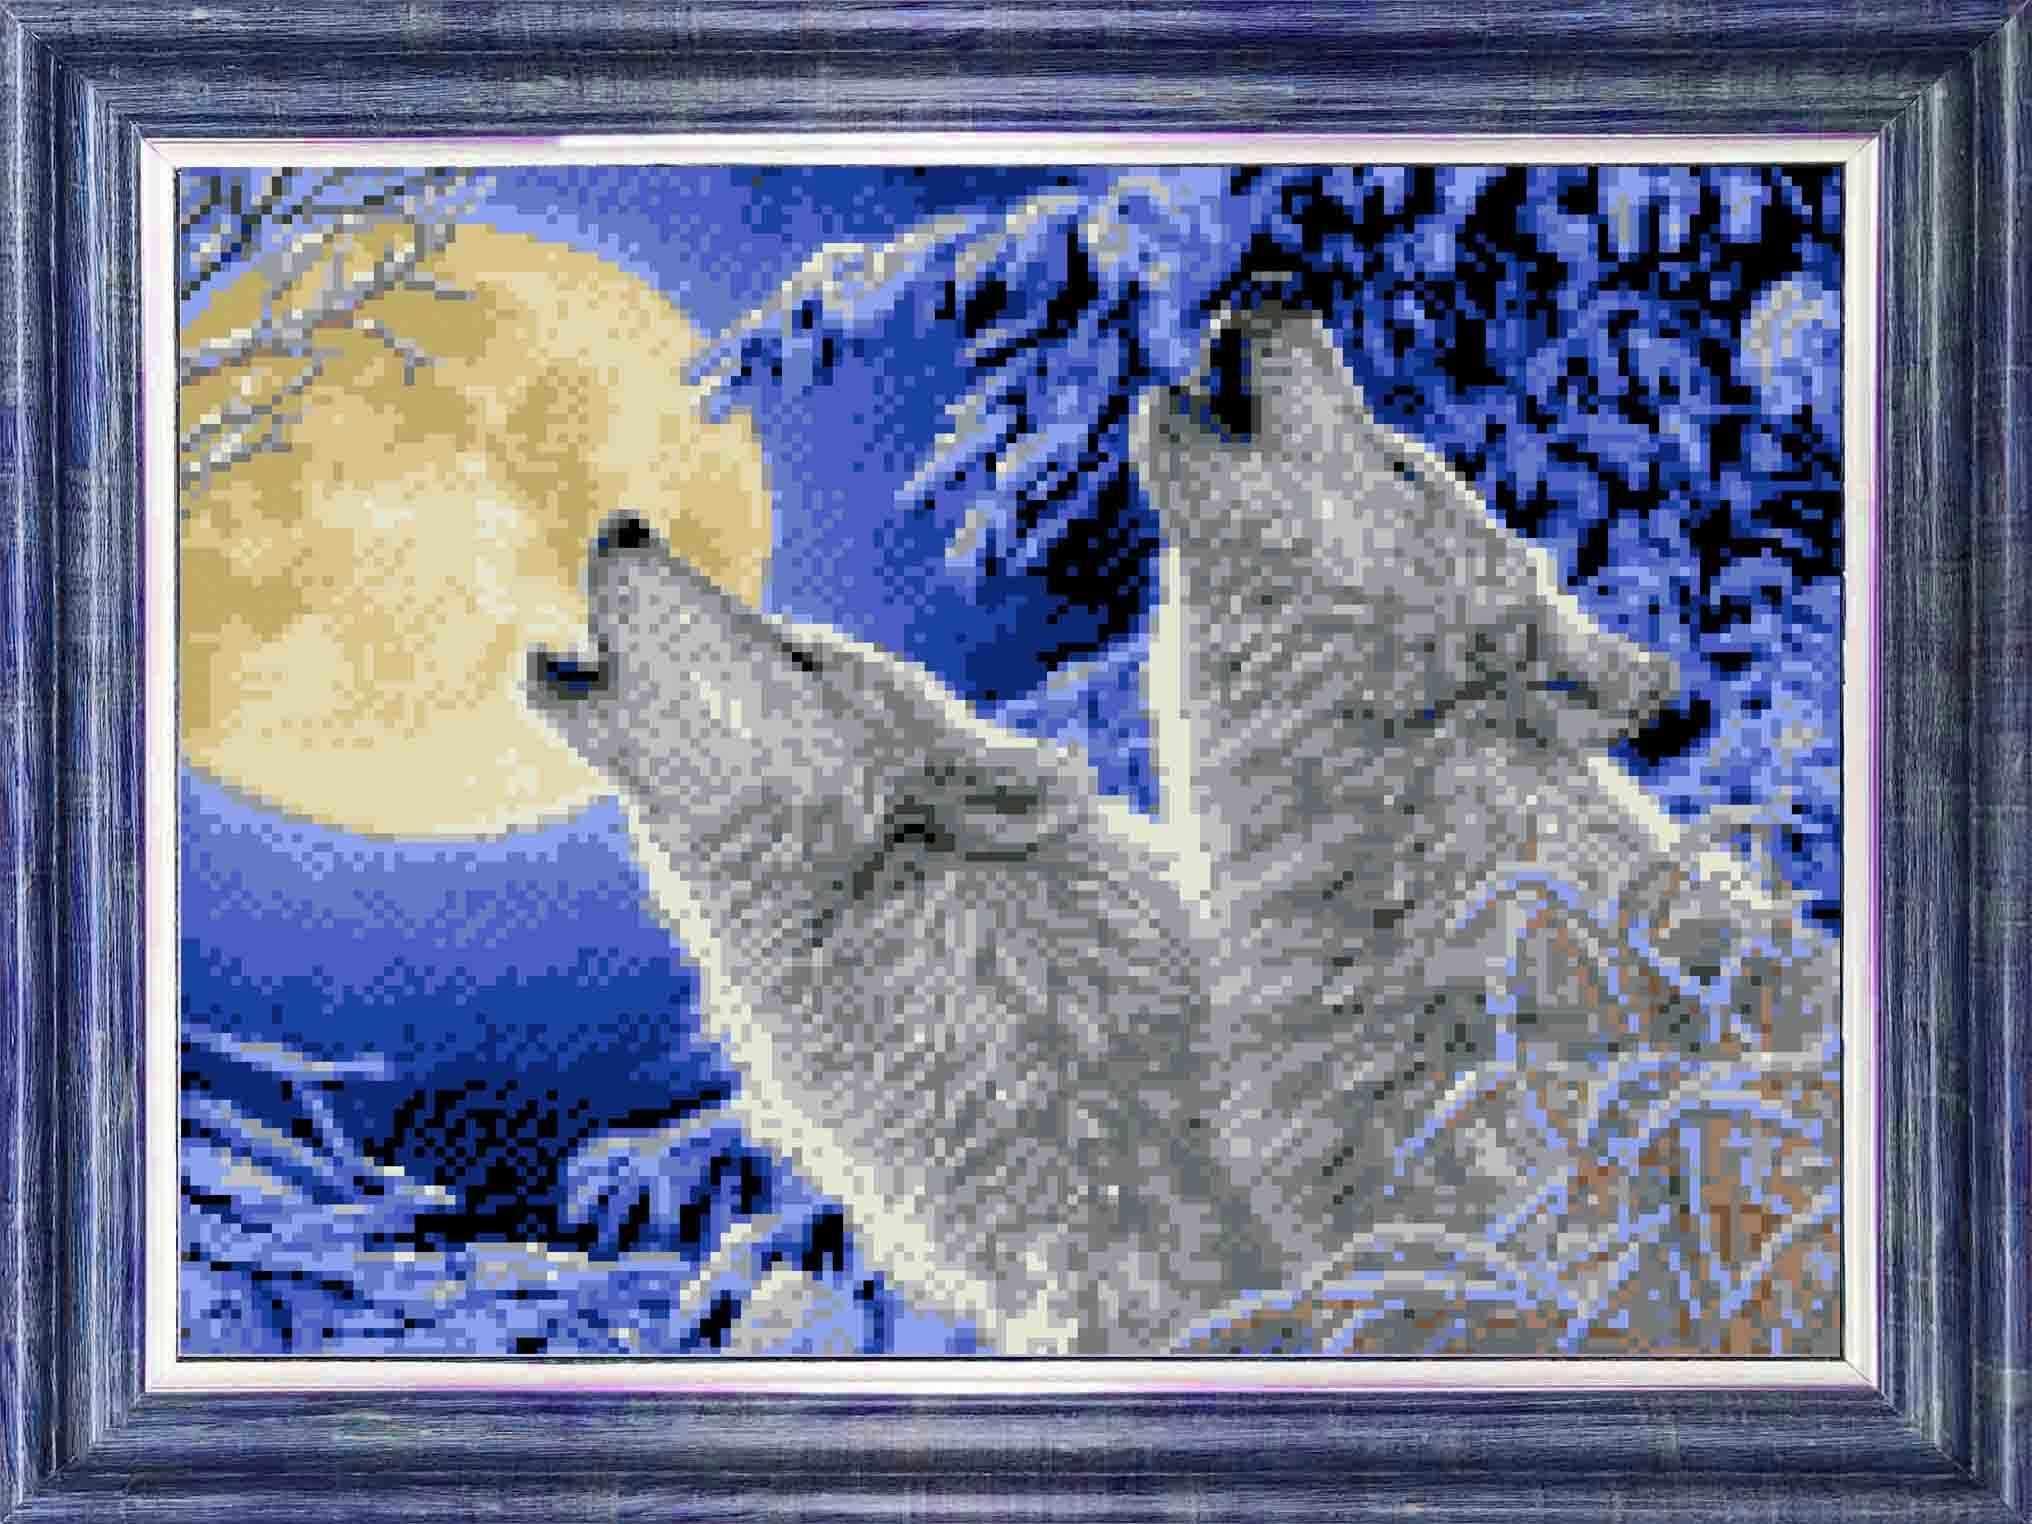 КБЖ 3033 Лунная соната - схема для вышивания (Каролинка)